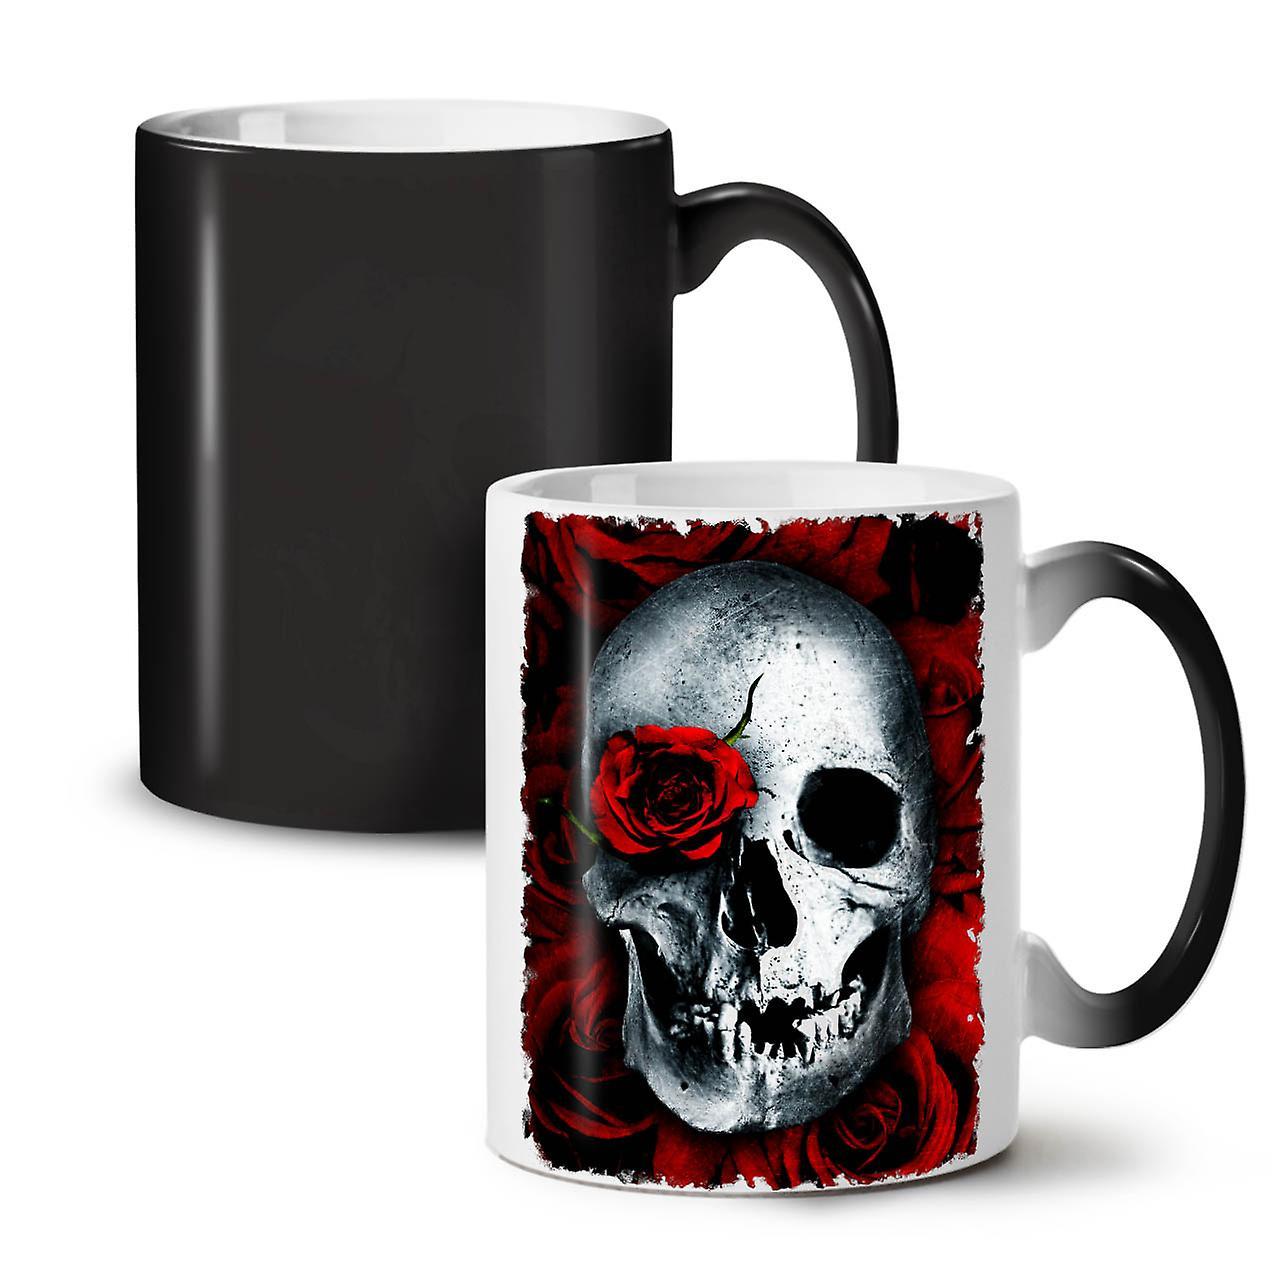 Thé Noir Couleur Rose Tasse Changeant De Café Nouvelle 11 OzWellcoda Crânes Céramique Fleur 2HIYWED9